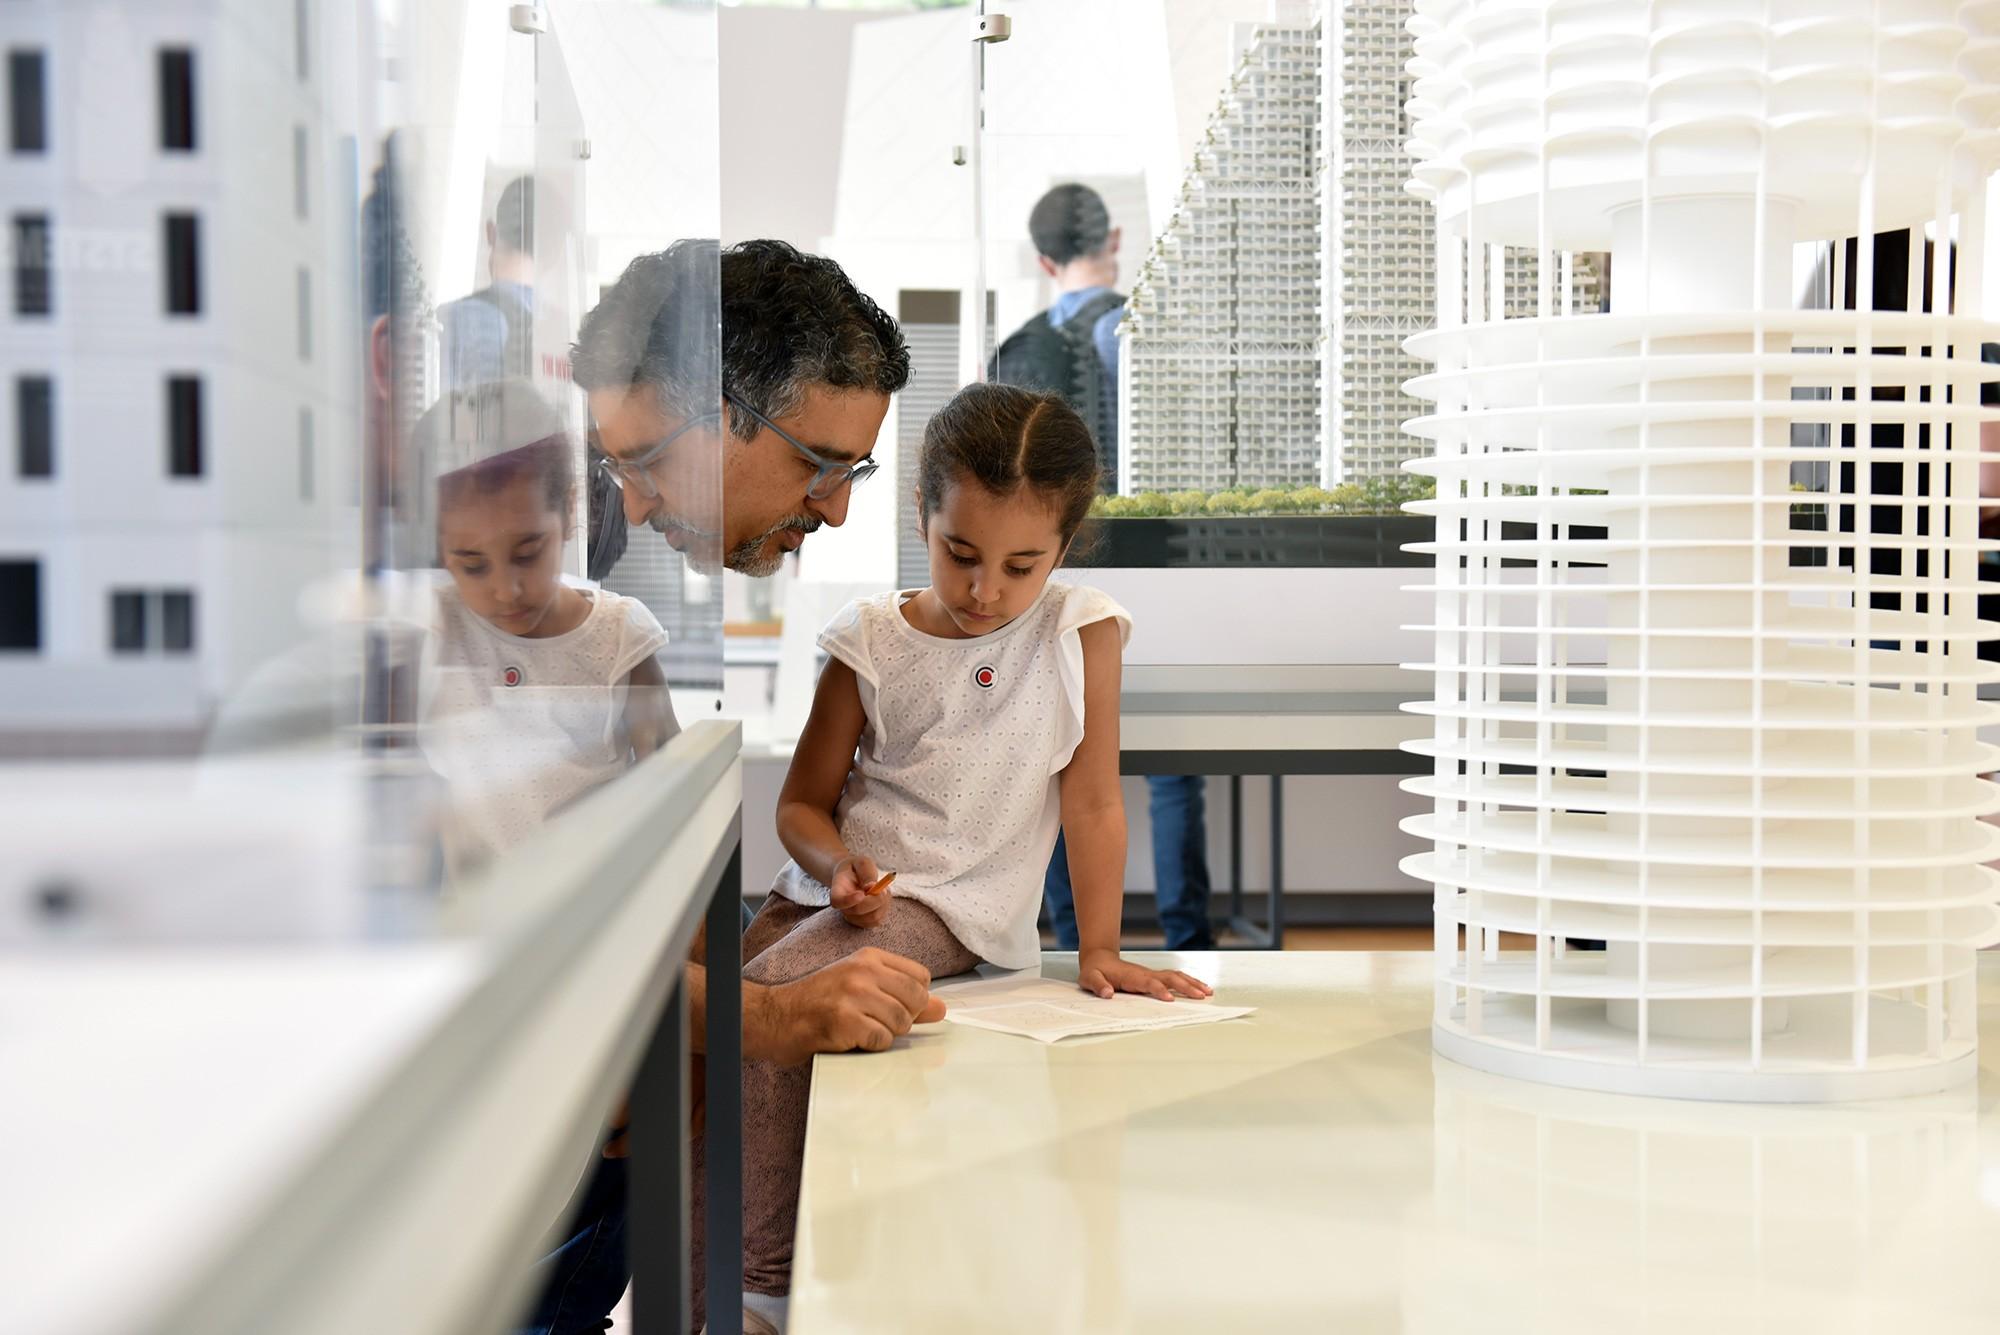 Family Build: Bridges · Programs & Events · Chicago Architecture